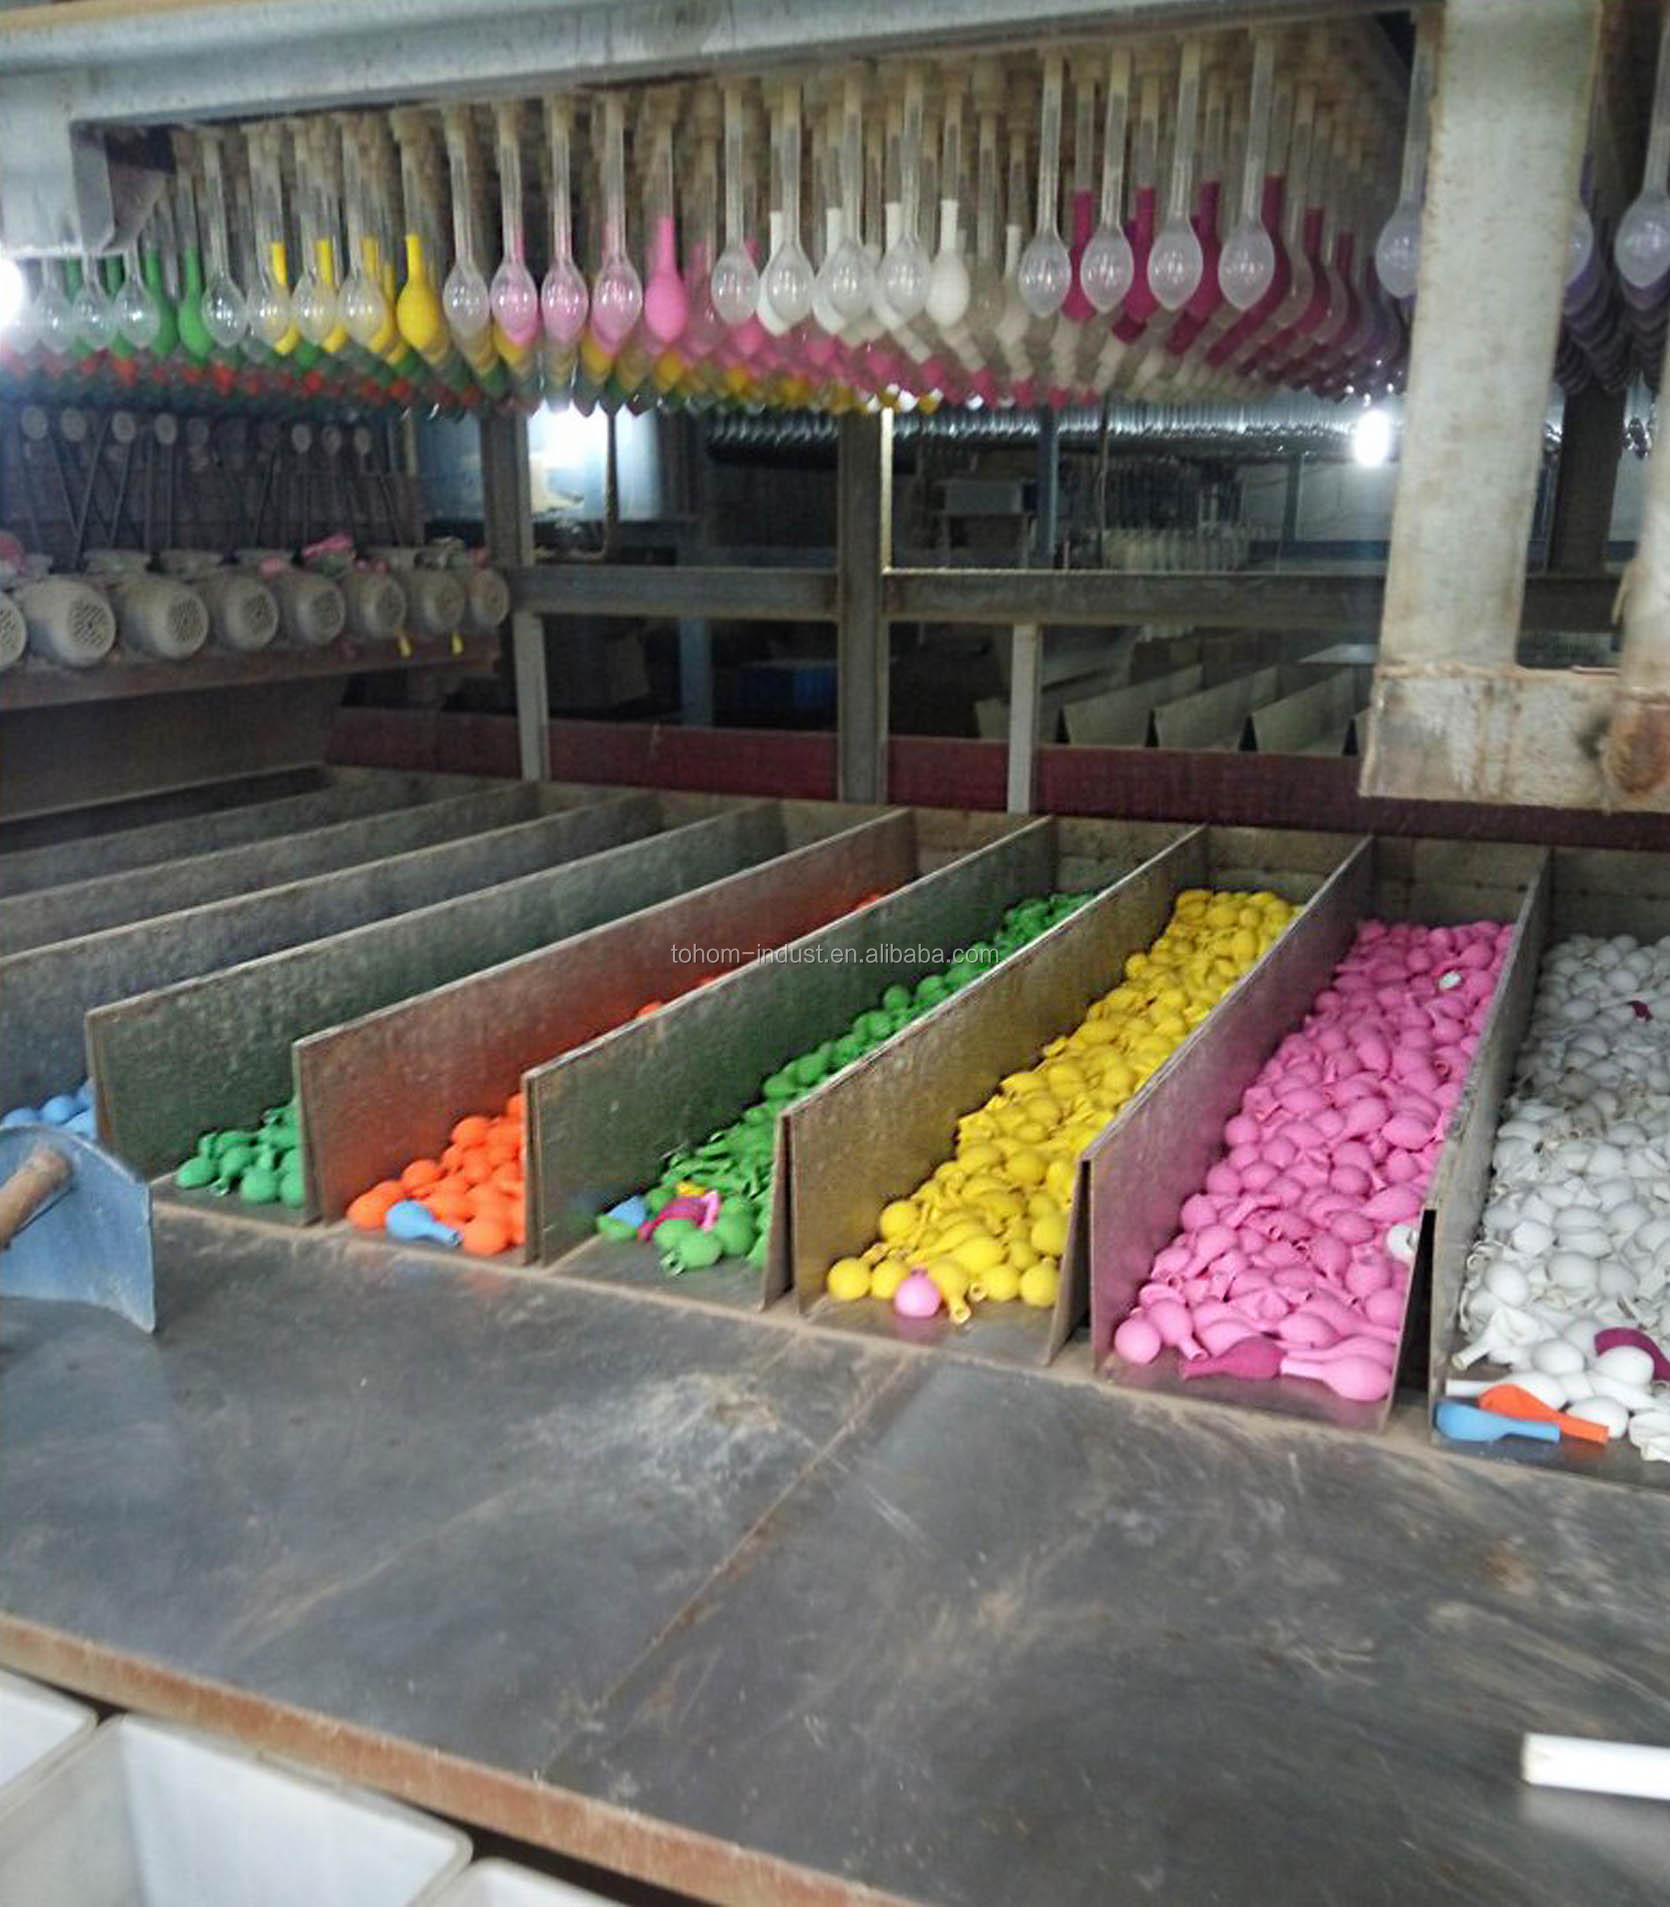 Melhor qualidade 12 polegadas colorido do partido china balões balões de mylar